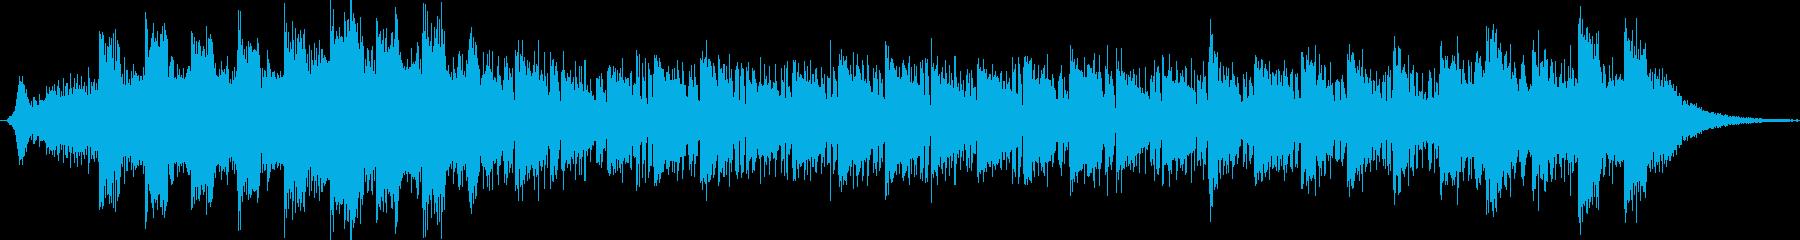 軽快なメロディーのポップスの再生済みの波形